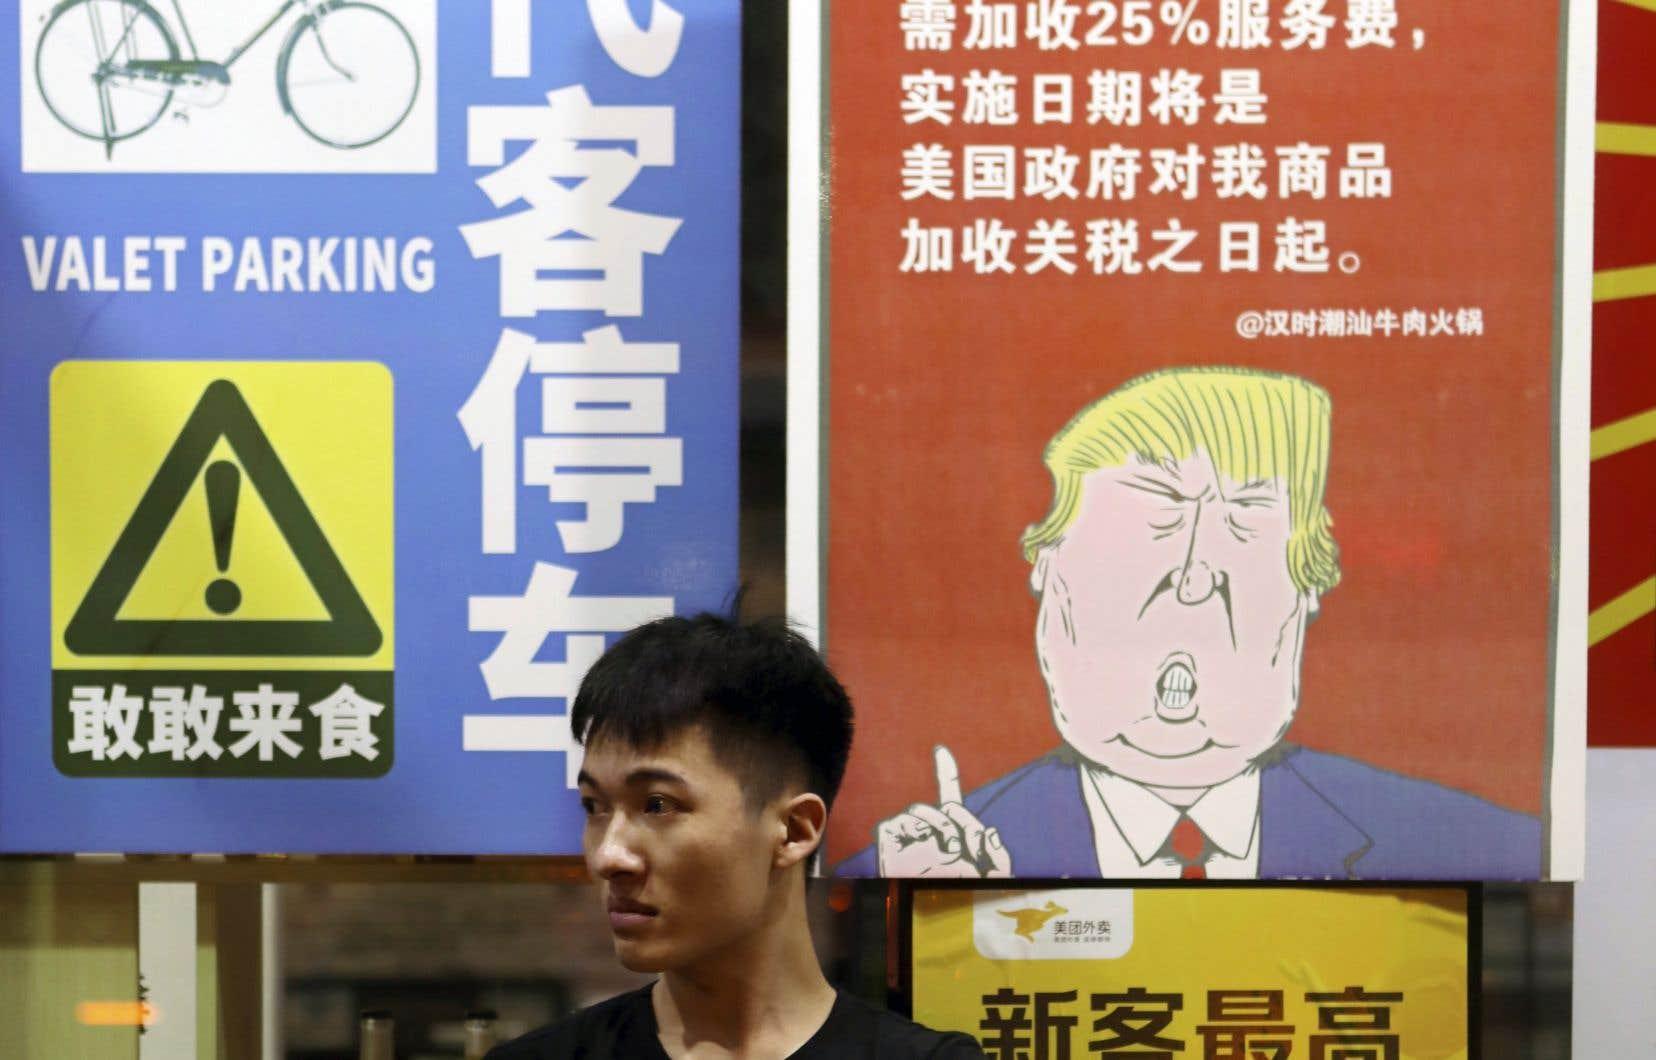 À Guangzhou, en Chine, une affiche mentionnait la semaine dernière que les consommateurs américains allaient devoir payer 25% plus cher, en conséquence de la guerre commerciale entre les deux pays.